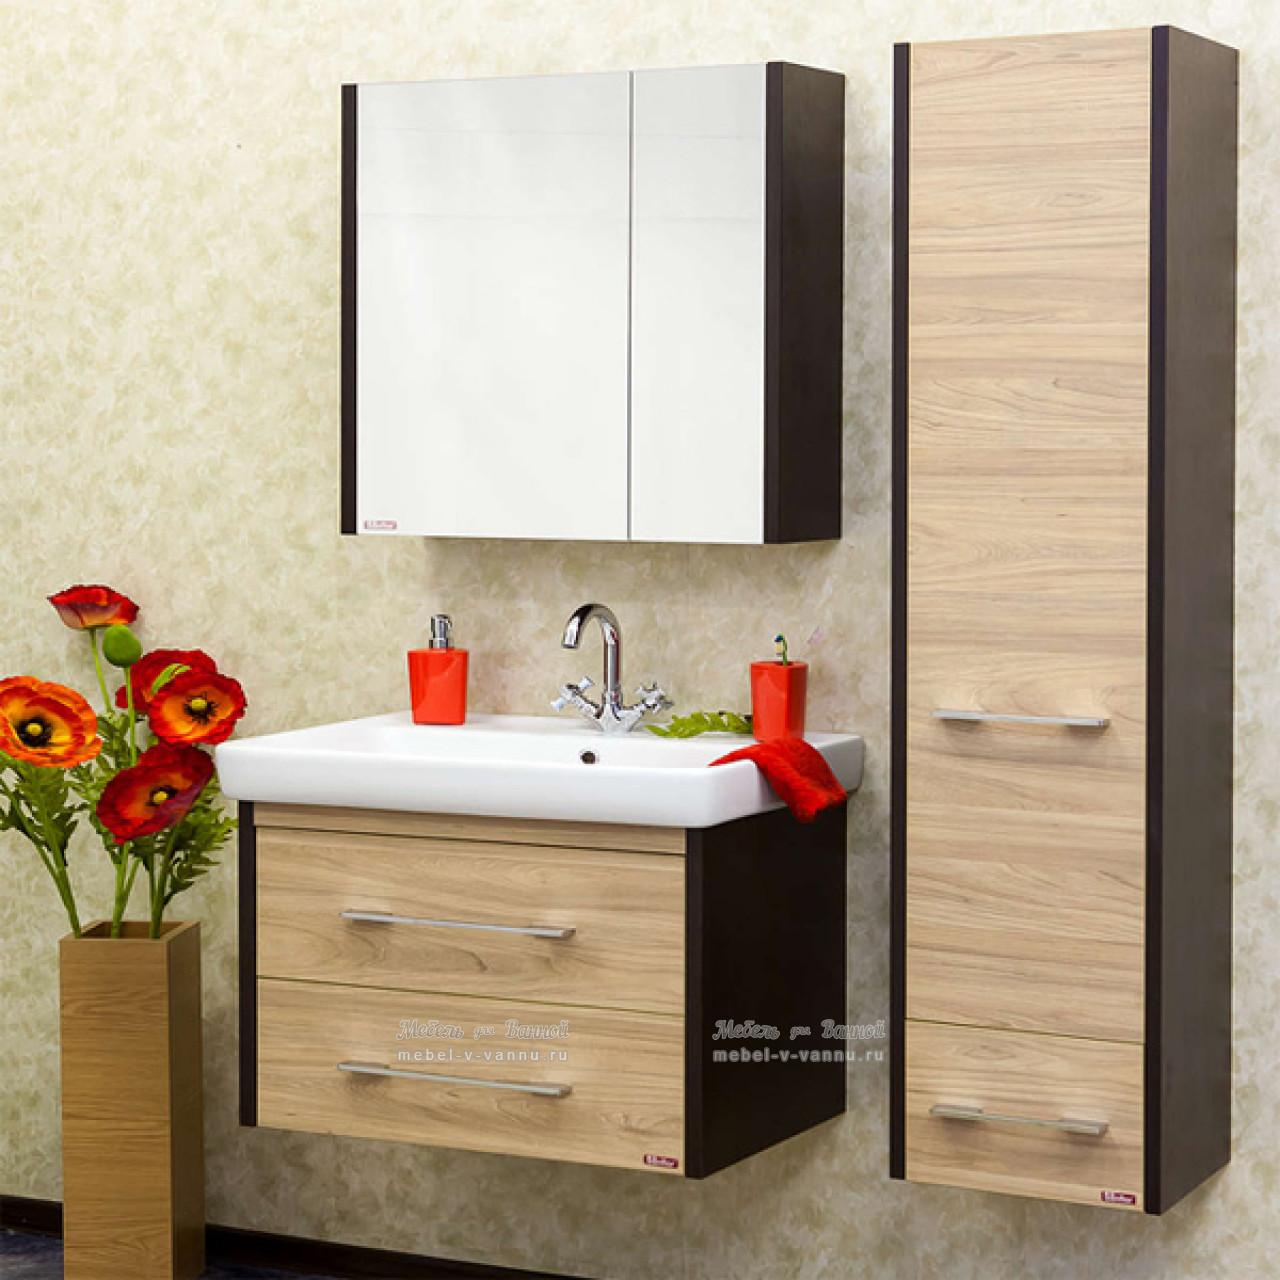 Комплект мебели Sanflor Ларго 80 подвесной купить в Москве по цене от 18200р. в интернет-магазине mebel-v-vannu.ru